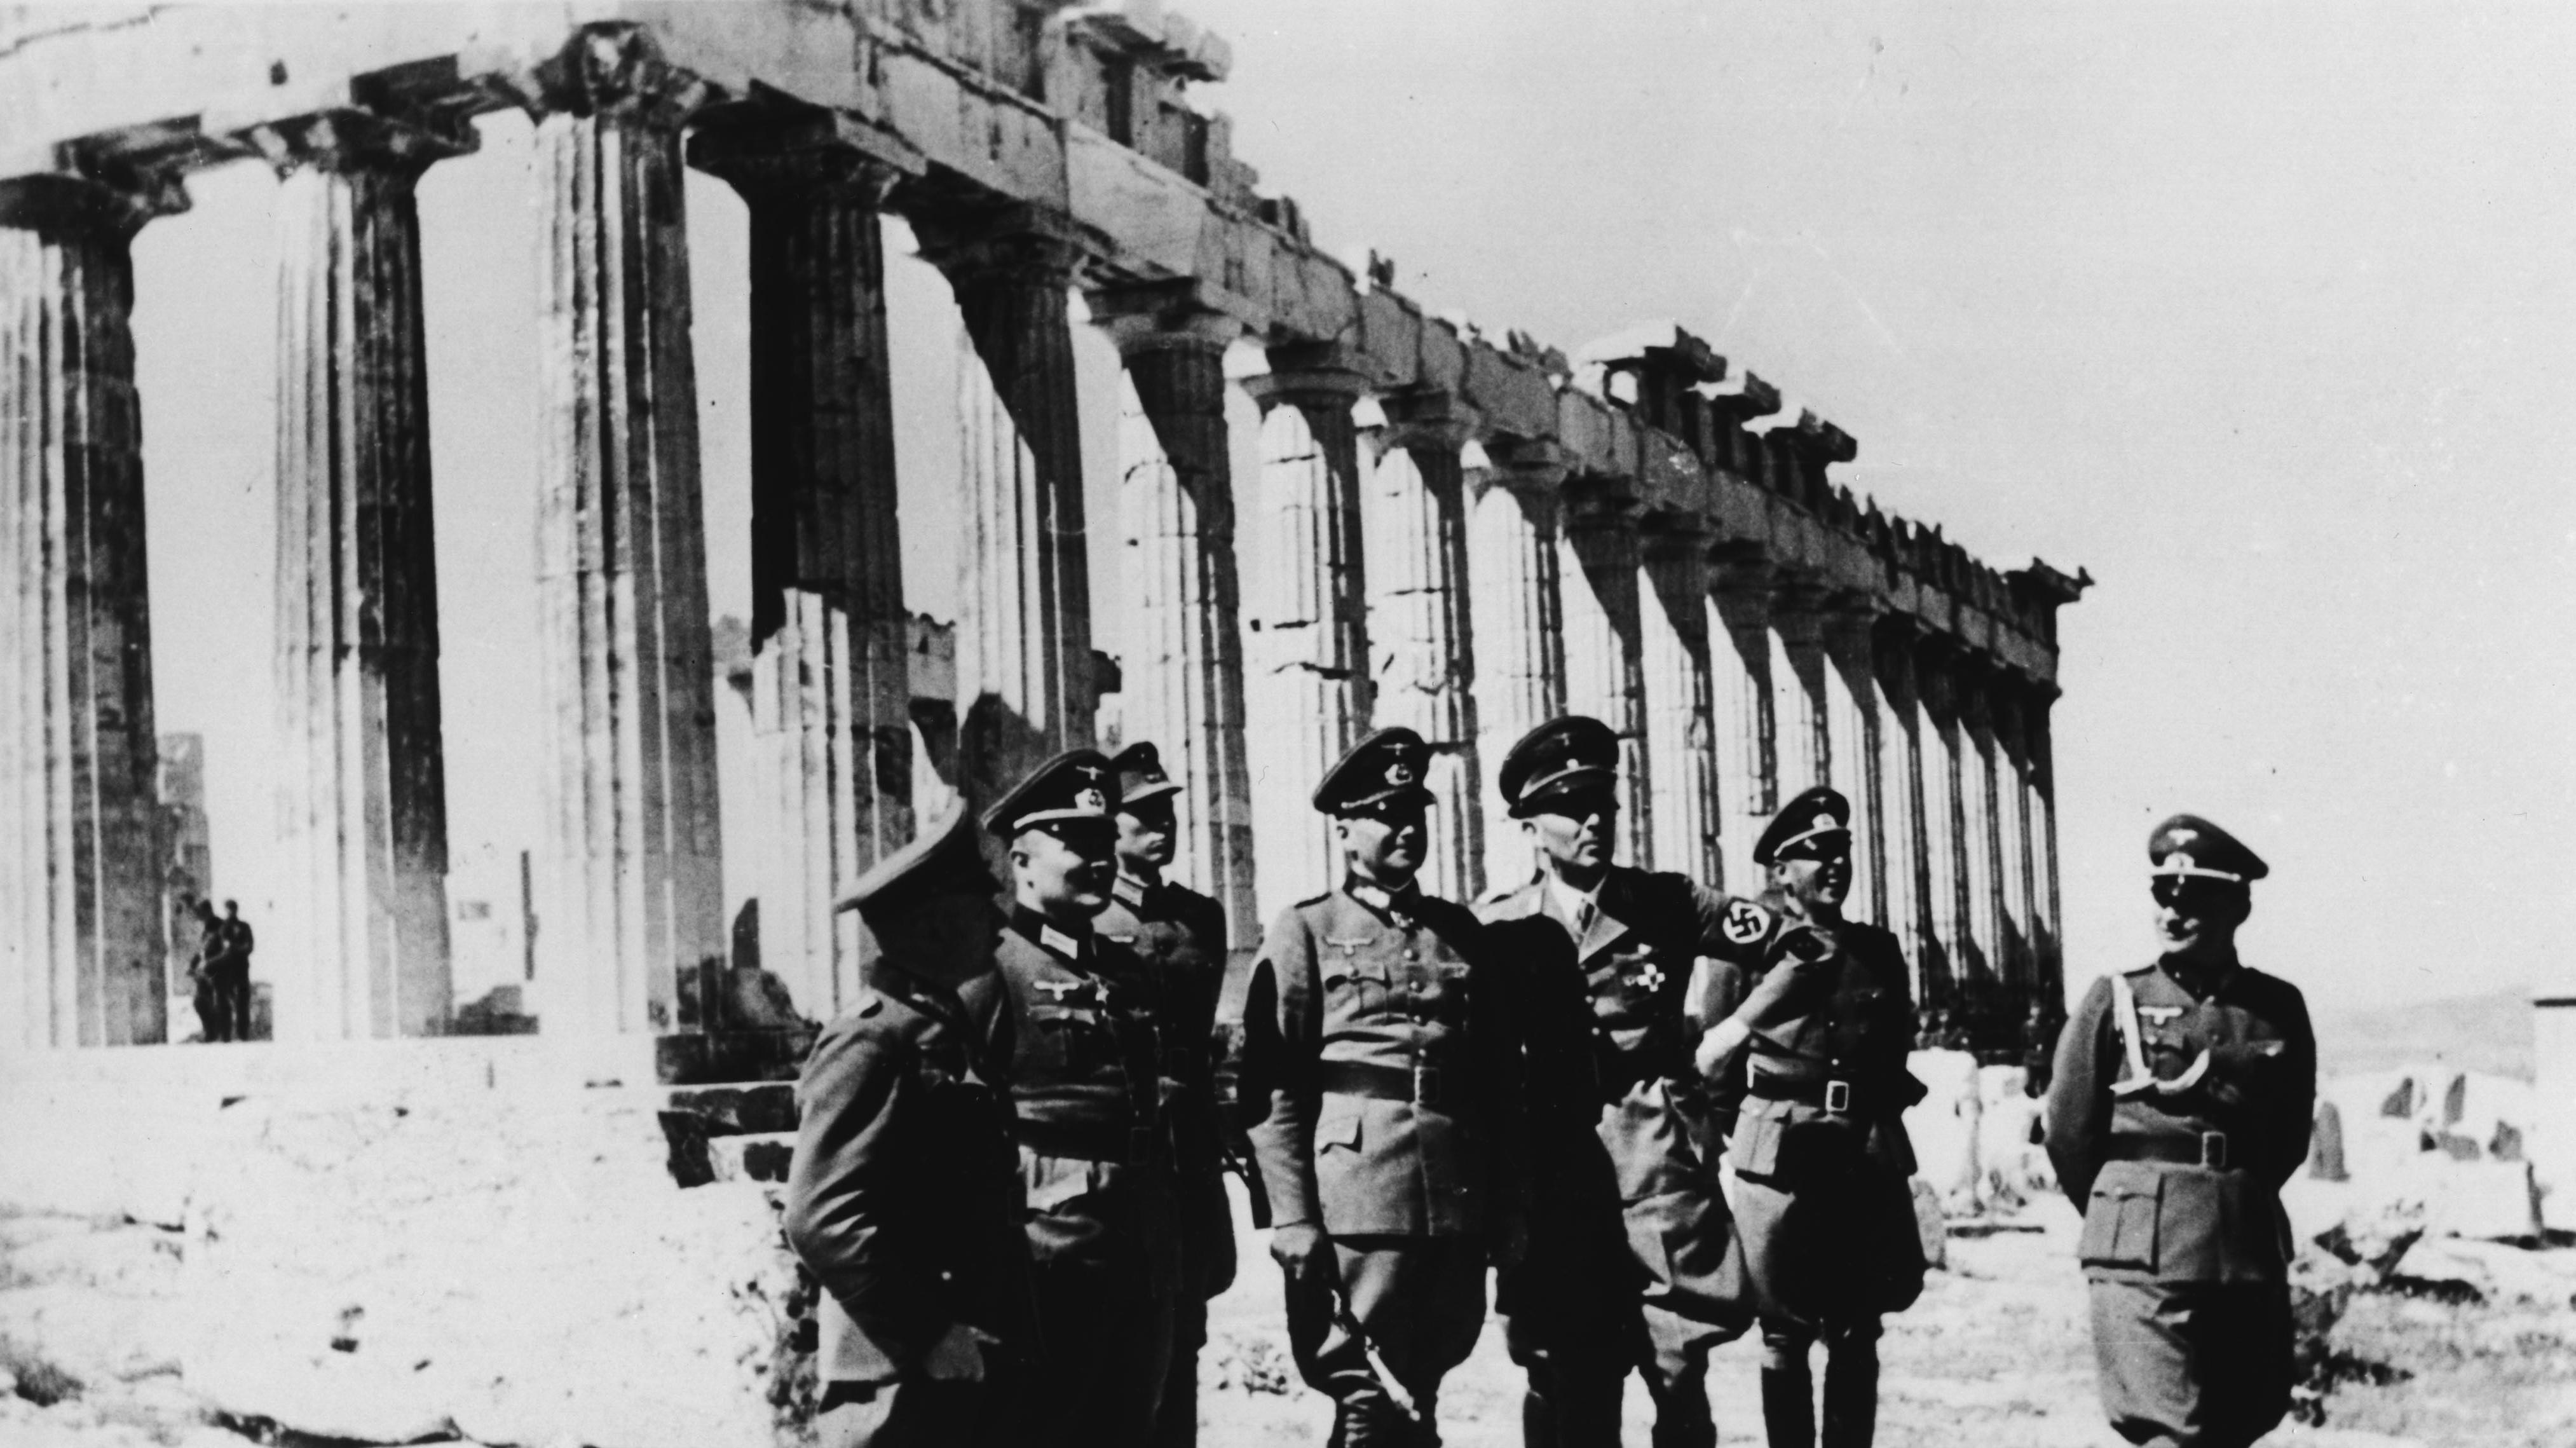 Generalfeldmarschall Walther von Brauchitsch (4.v.l.) vor der Athener Akropolis nach der Eroberung Griechenlands durch die Deutschen (April 1941)